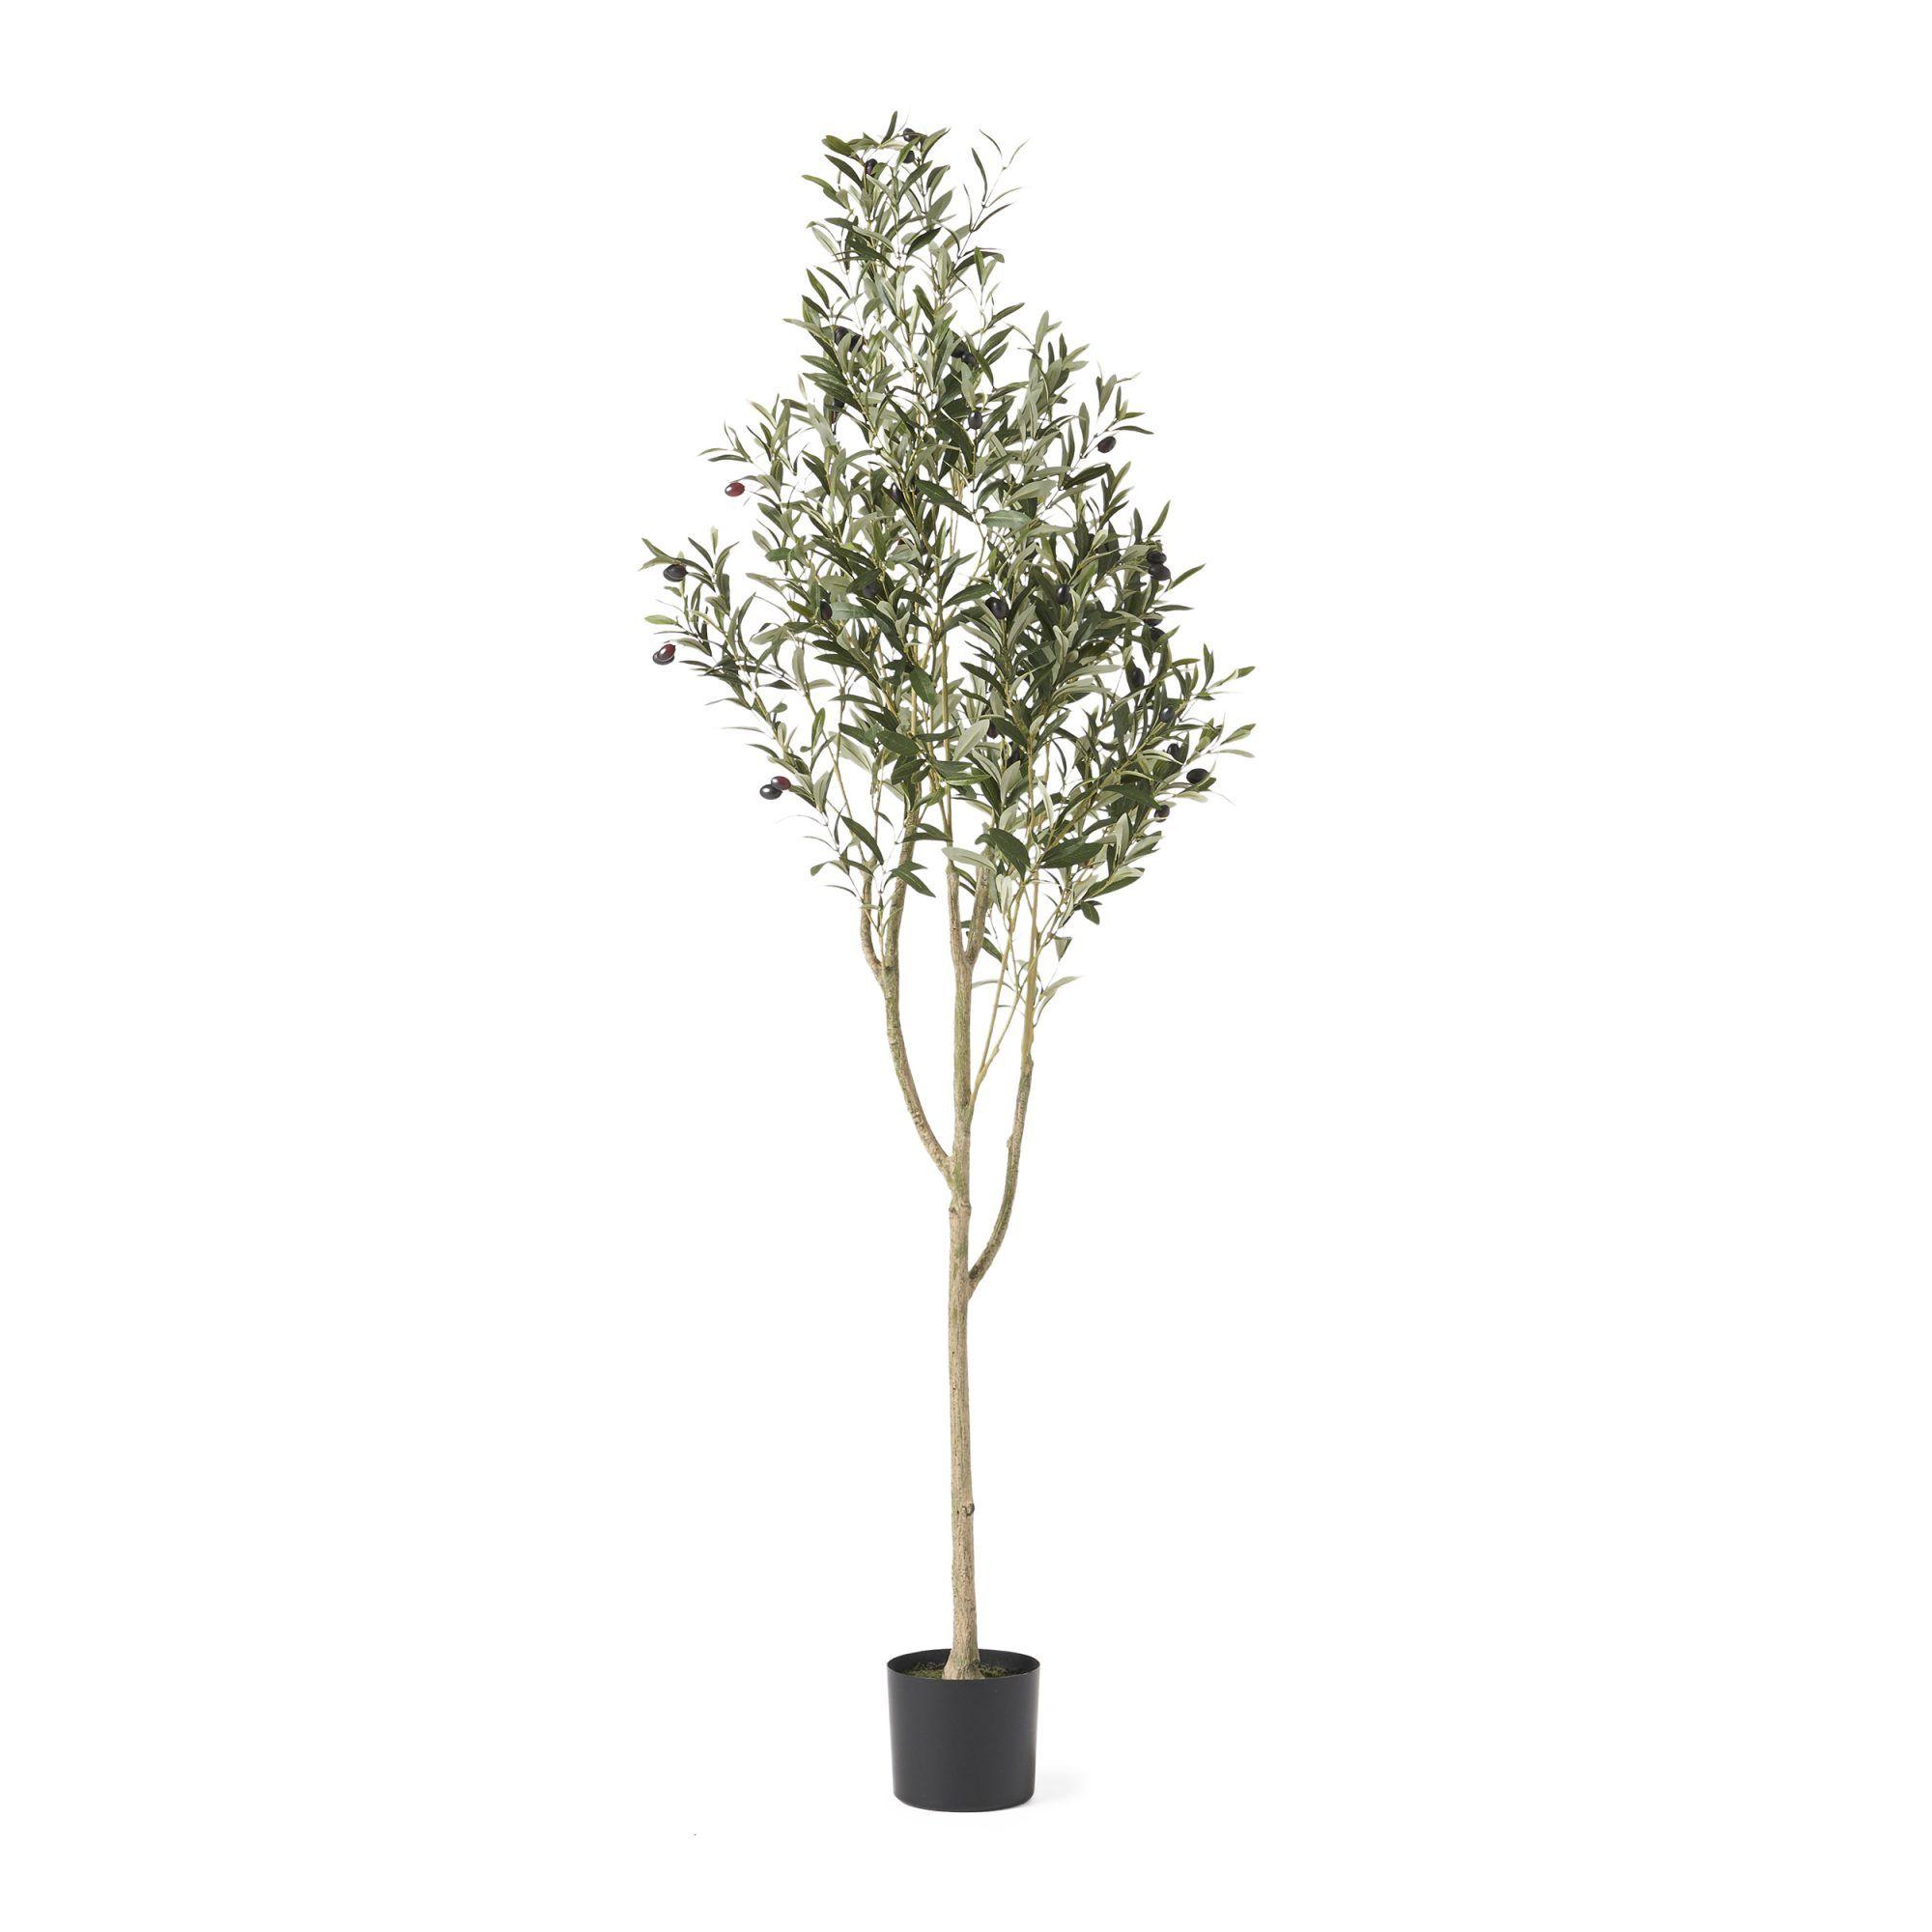 Dwarf Olive Tree Home Depot